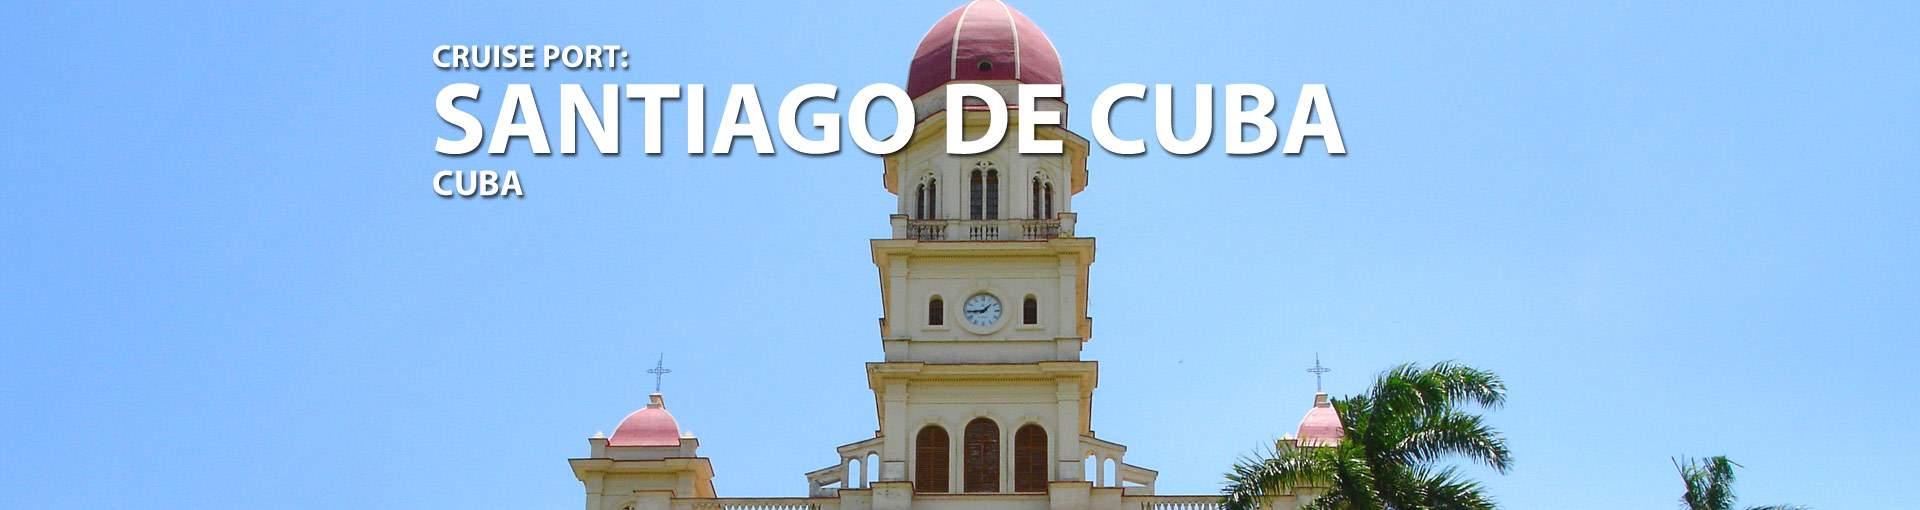 Santiago de Cuba, Cuba Cruise Port